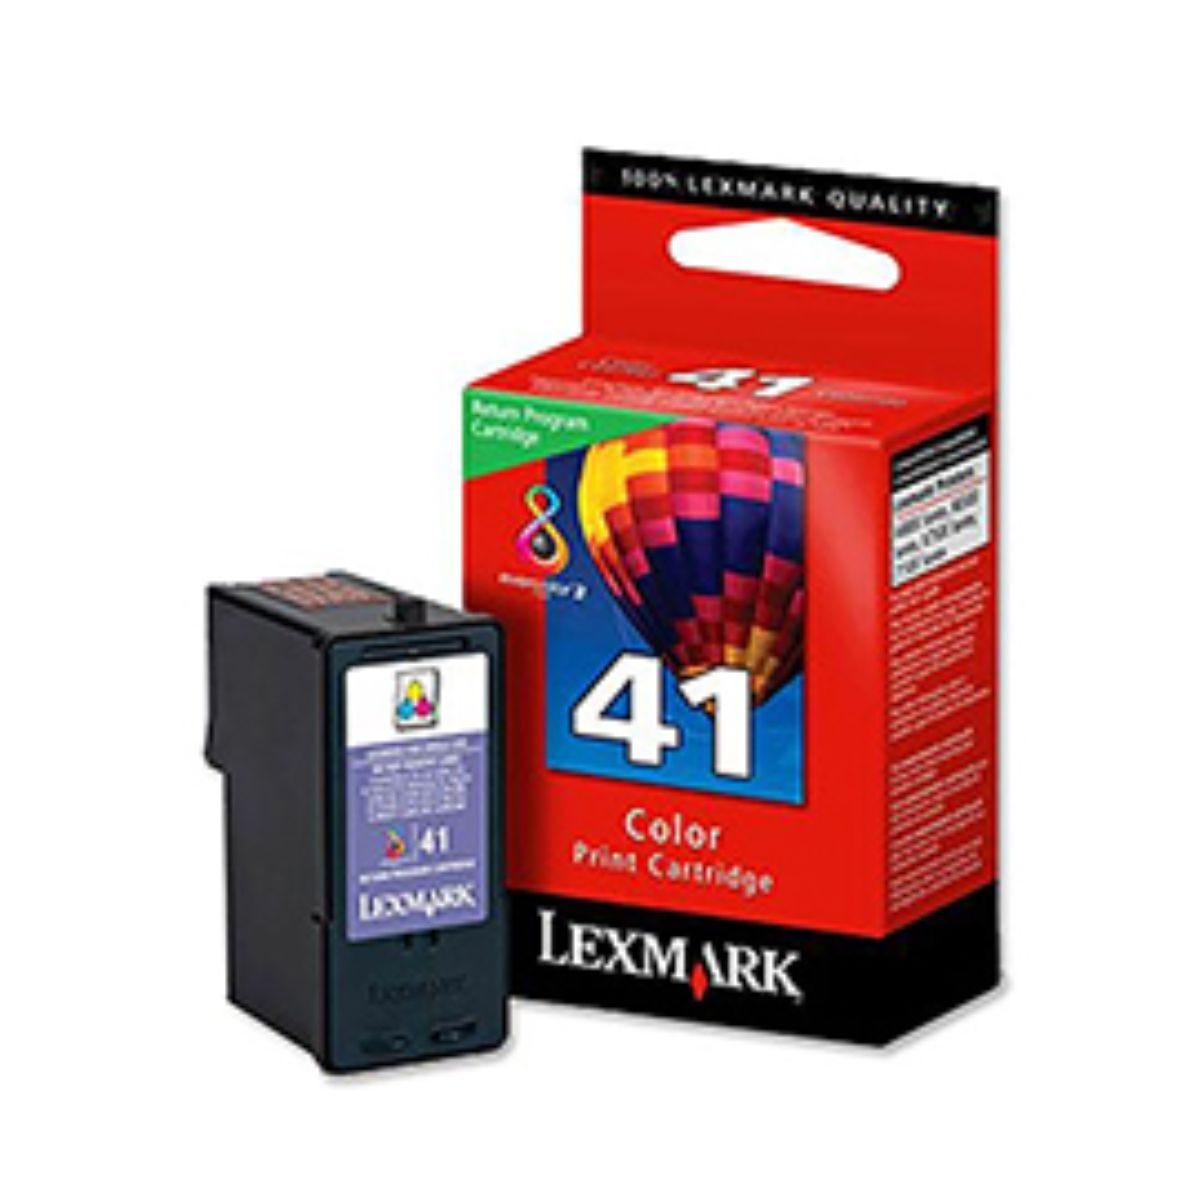 Lexmark 41 Colour Inkjet